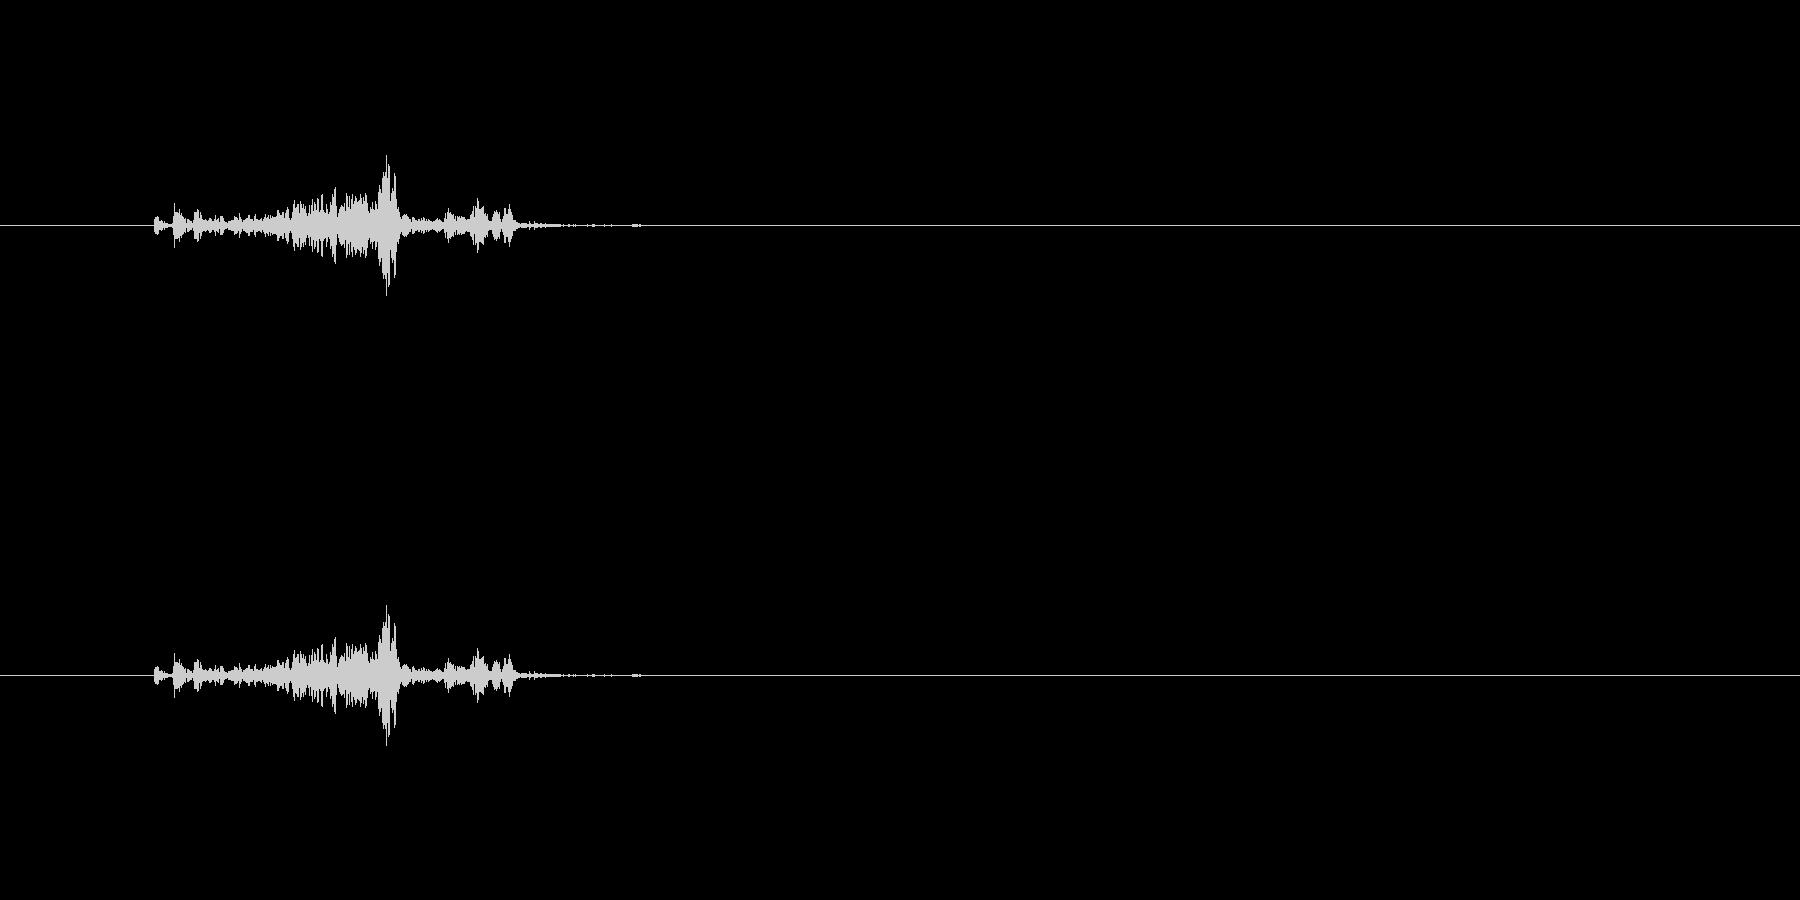 【鉛筆削り02-3(開ける)】の未再生の波形